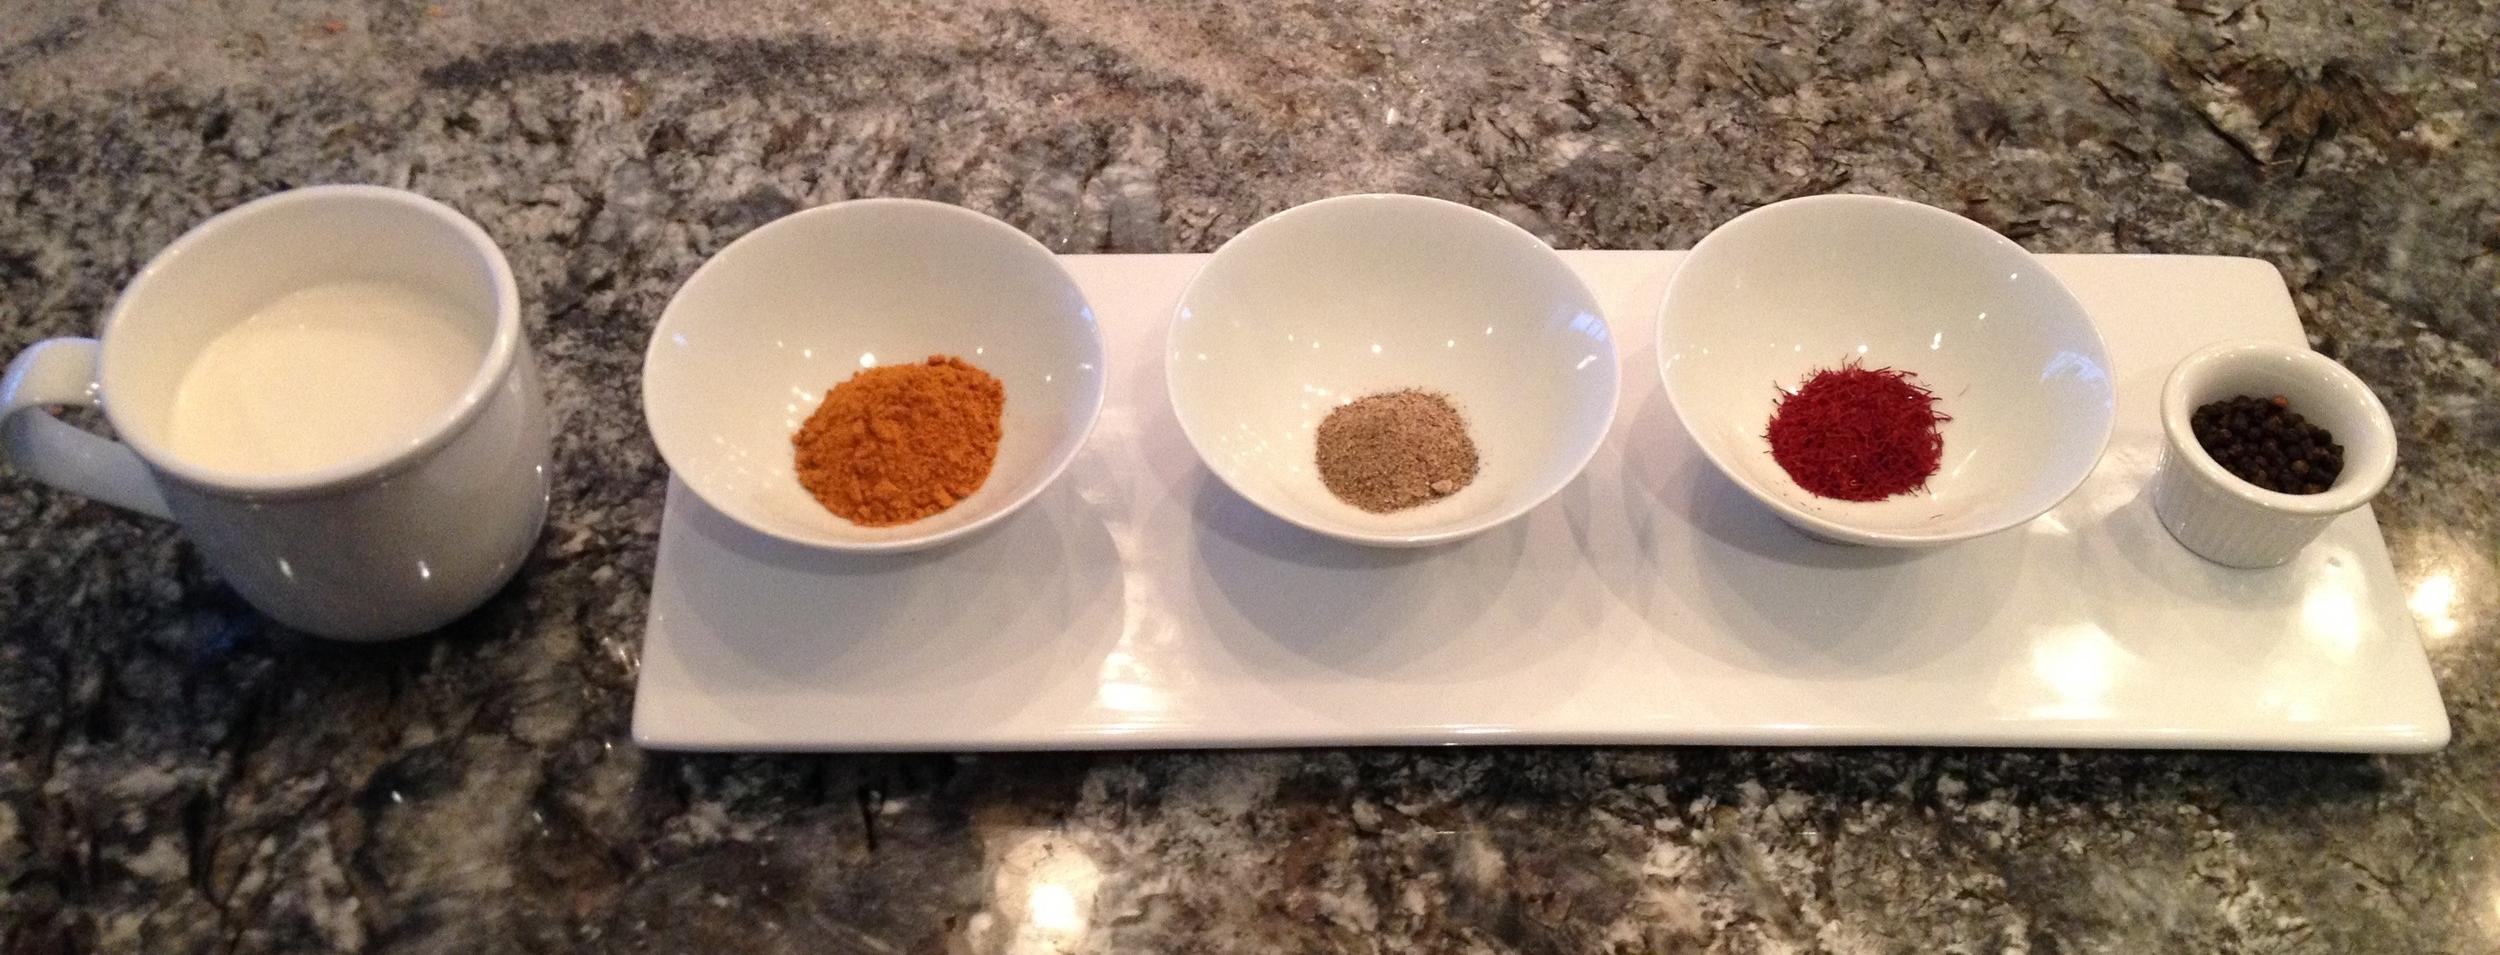 turmeric drink ingredients.jpg